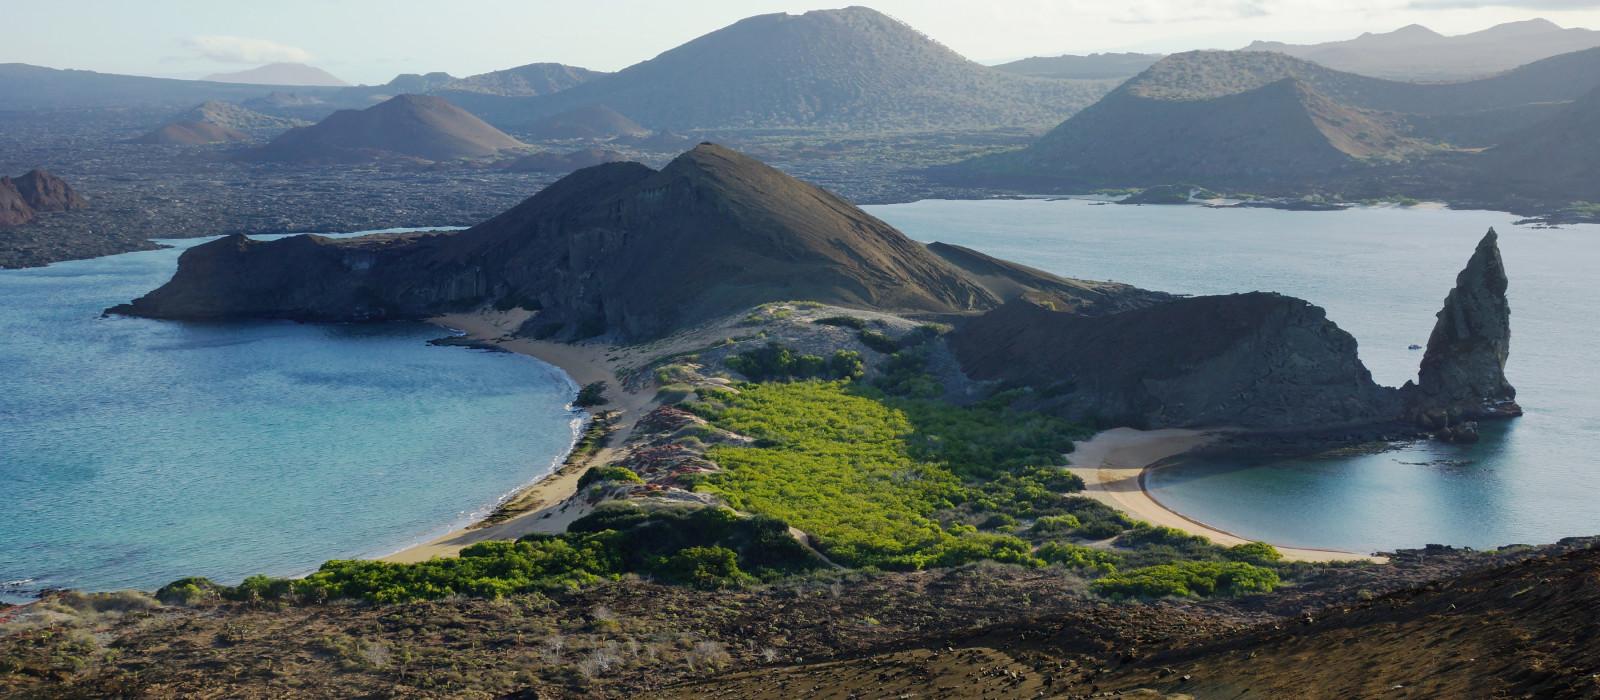 Unglaubliche Aussicht auf der Insel Bartolome, Galapagos-Inseln, Ecuador, Südamerika